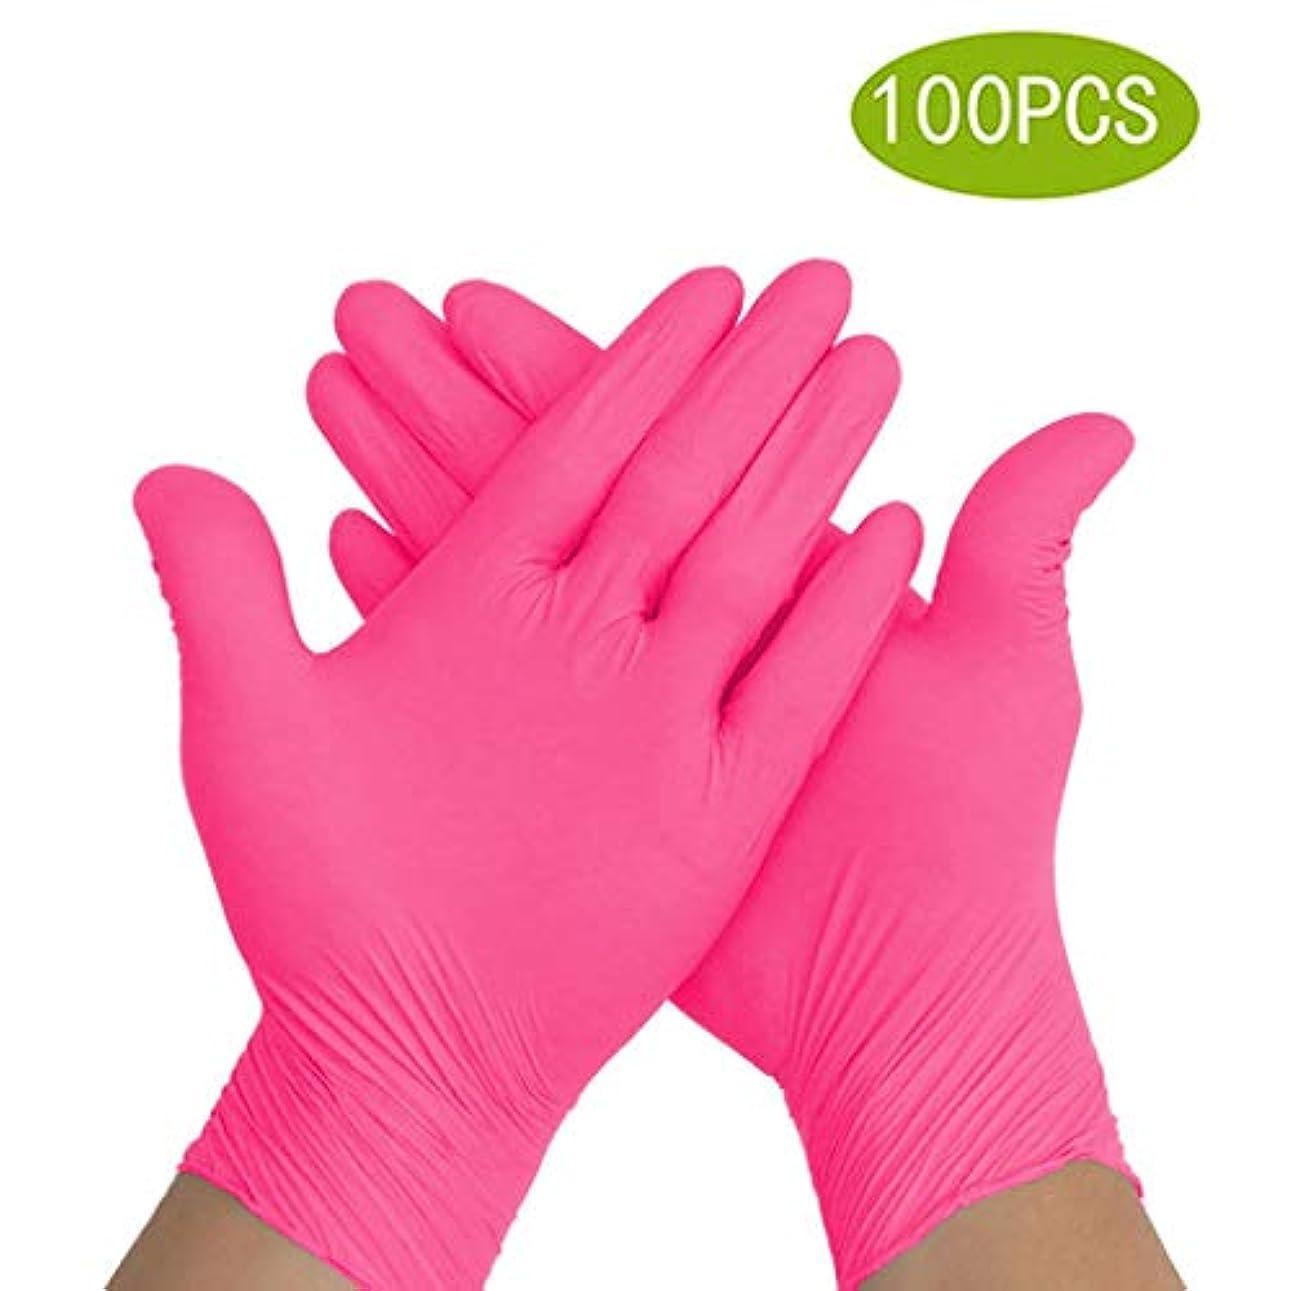 カプラー声を出して命令ニトリル使い捨て手袋、パウダーフリーのレッドビューティーサロンタトゥー、食品用手袋、ラテックスフリー、100個ディスペンサーパック (Size : S)